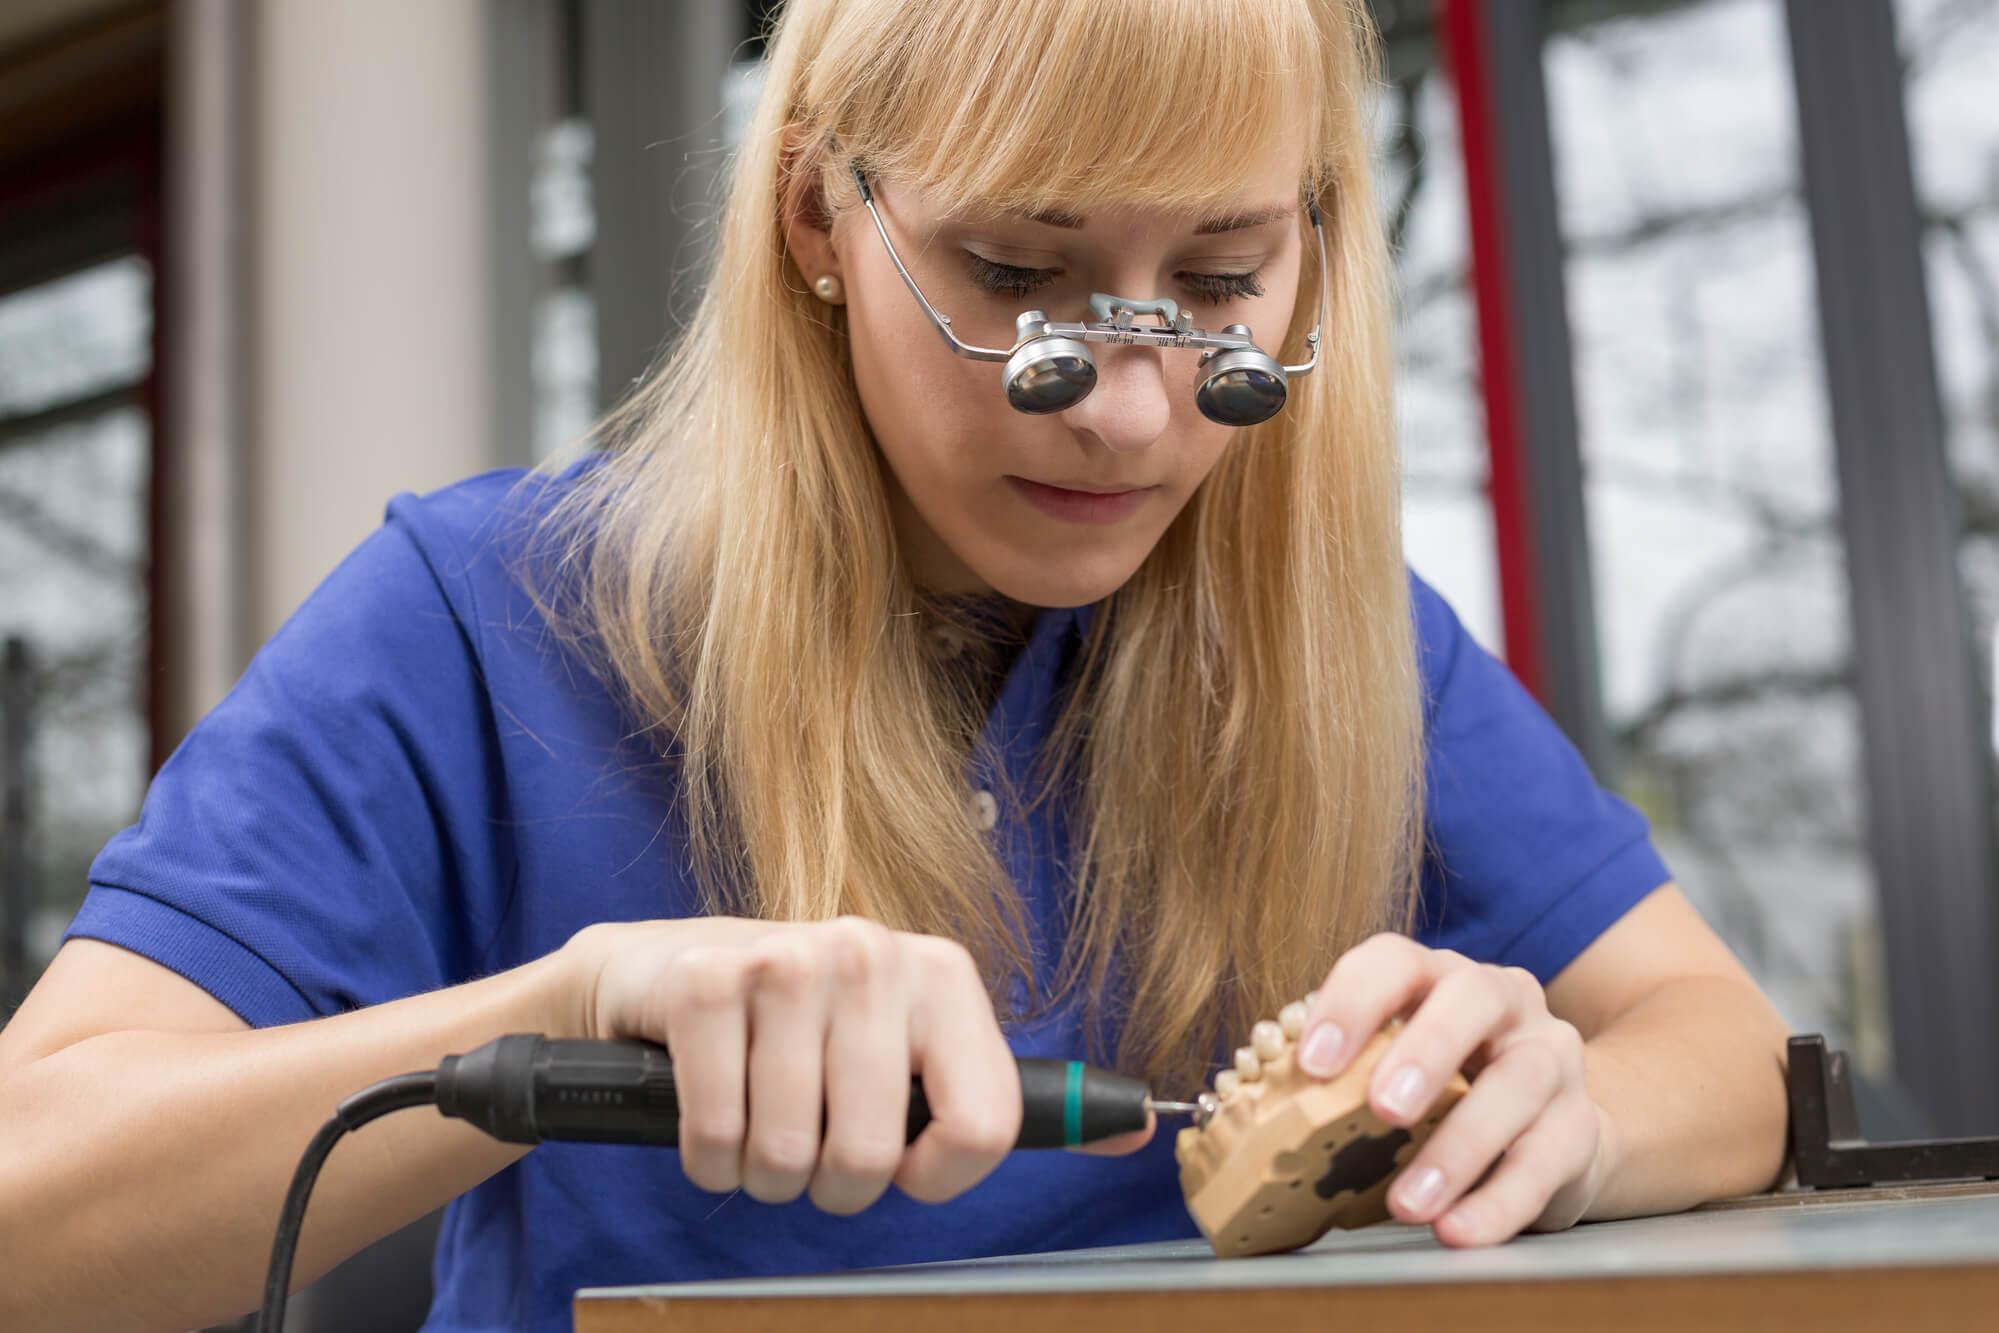 female dentist working on prosthetics